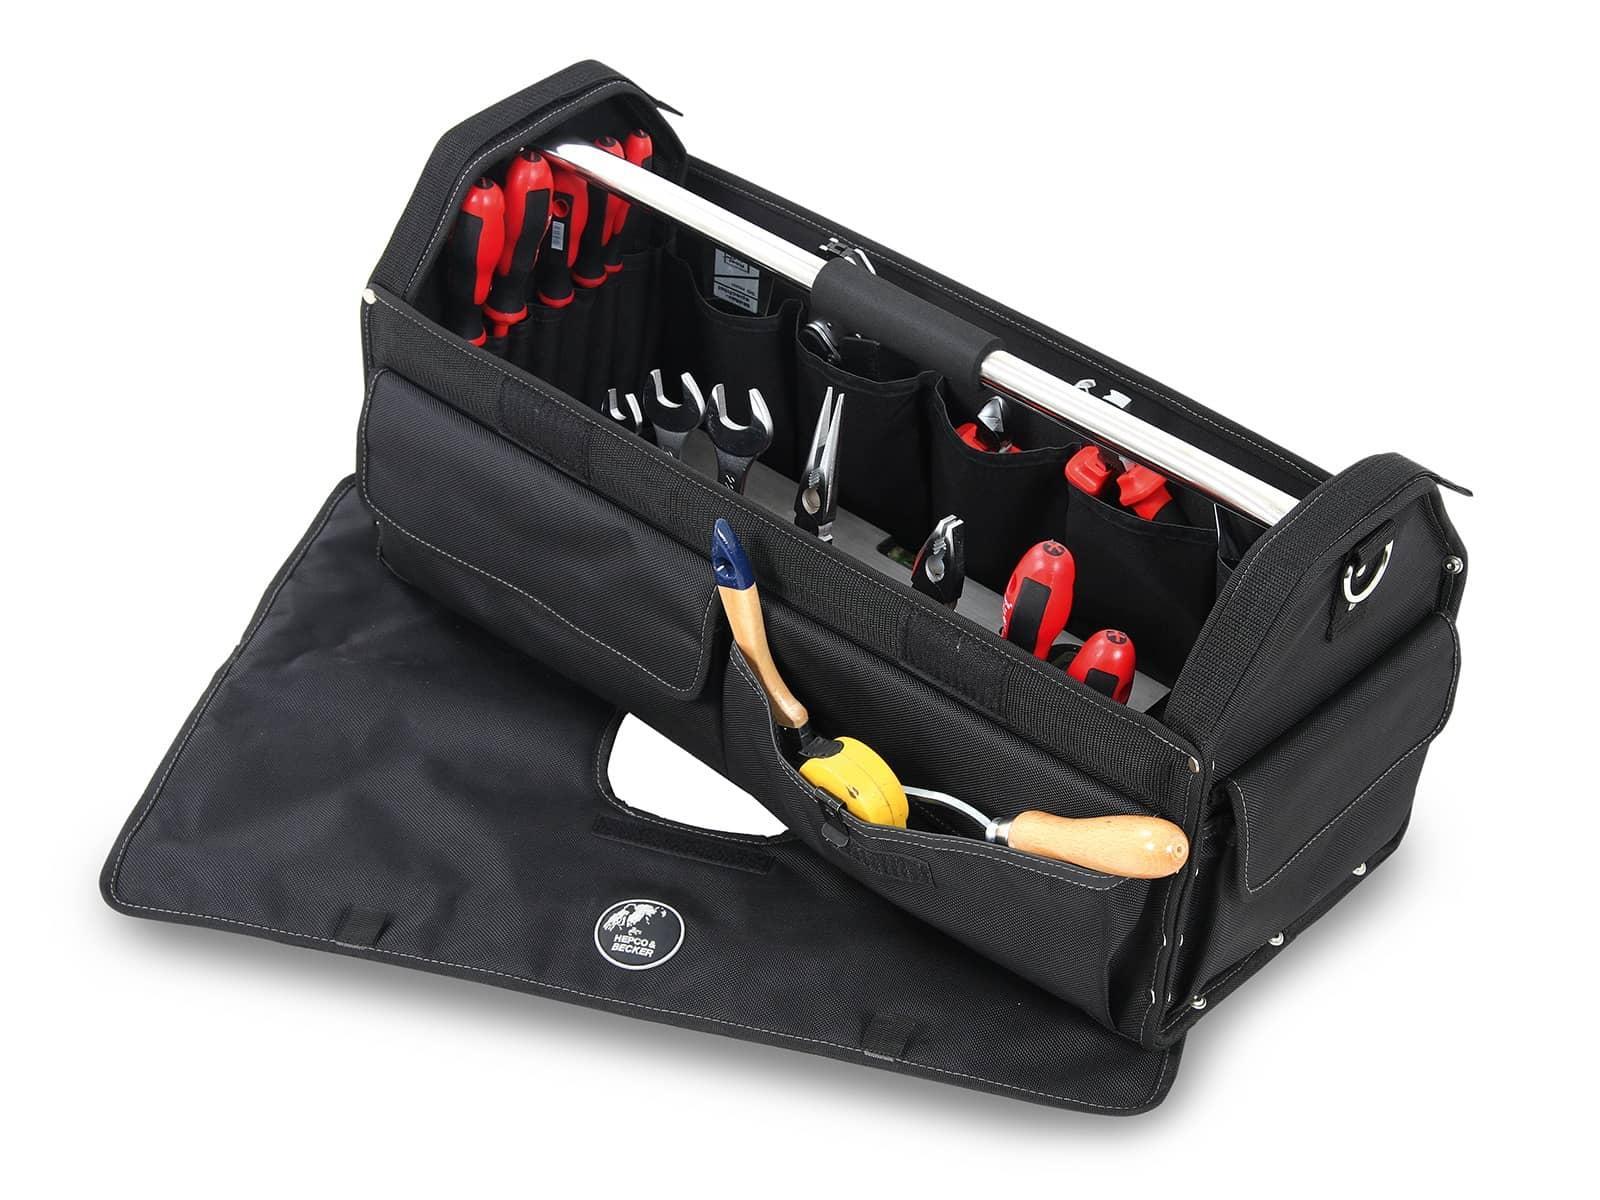 Profi-Installateurtasche 55 ltr. 5857